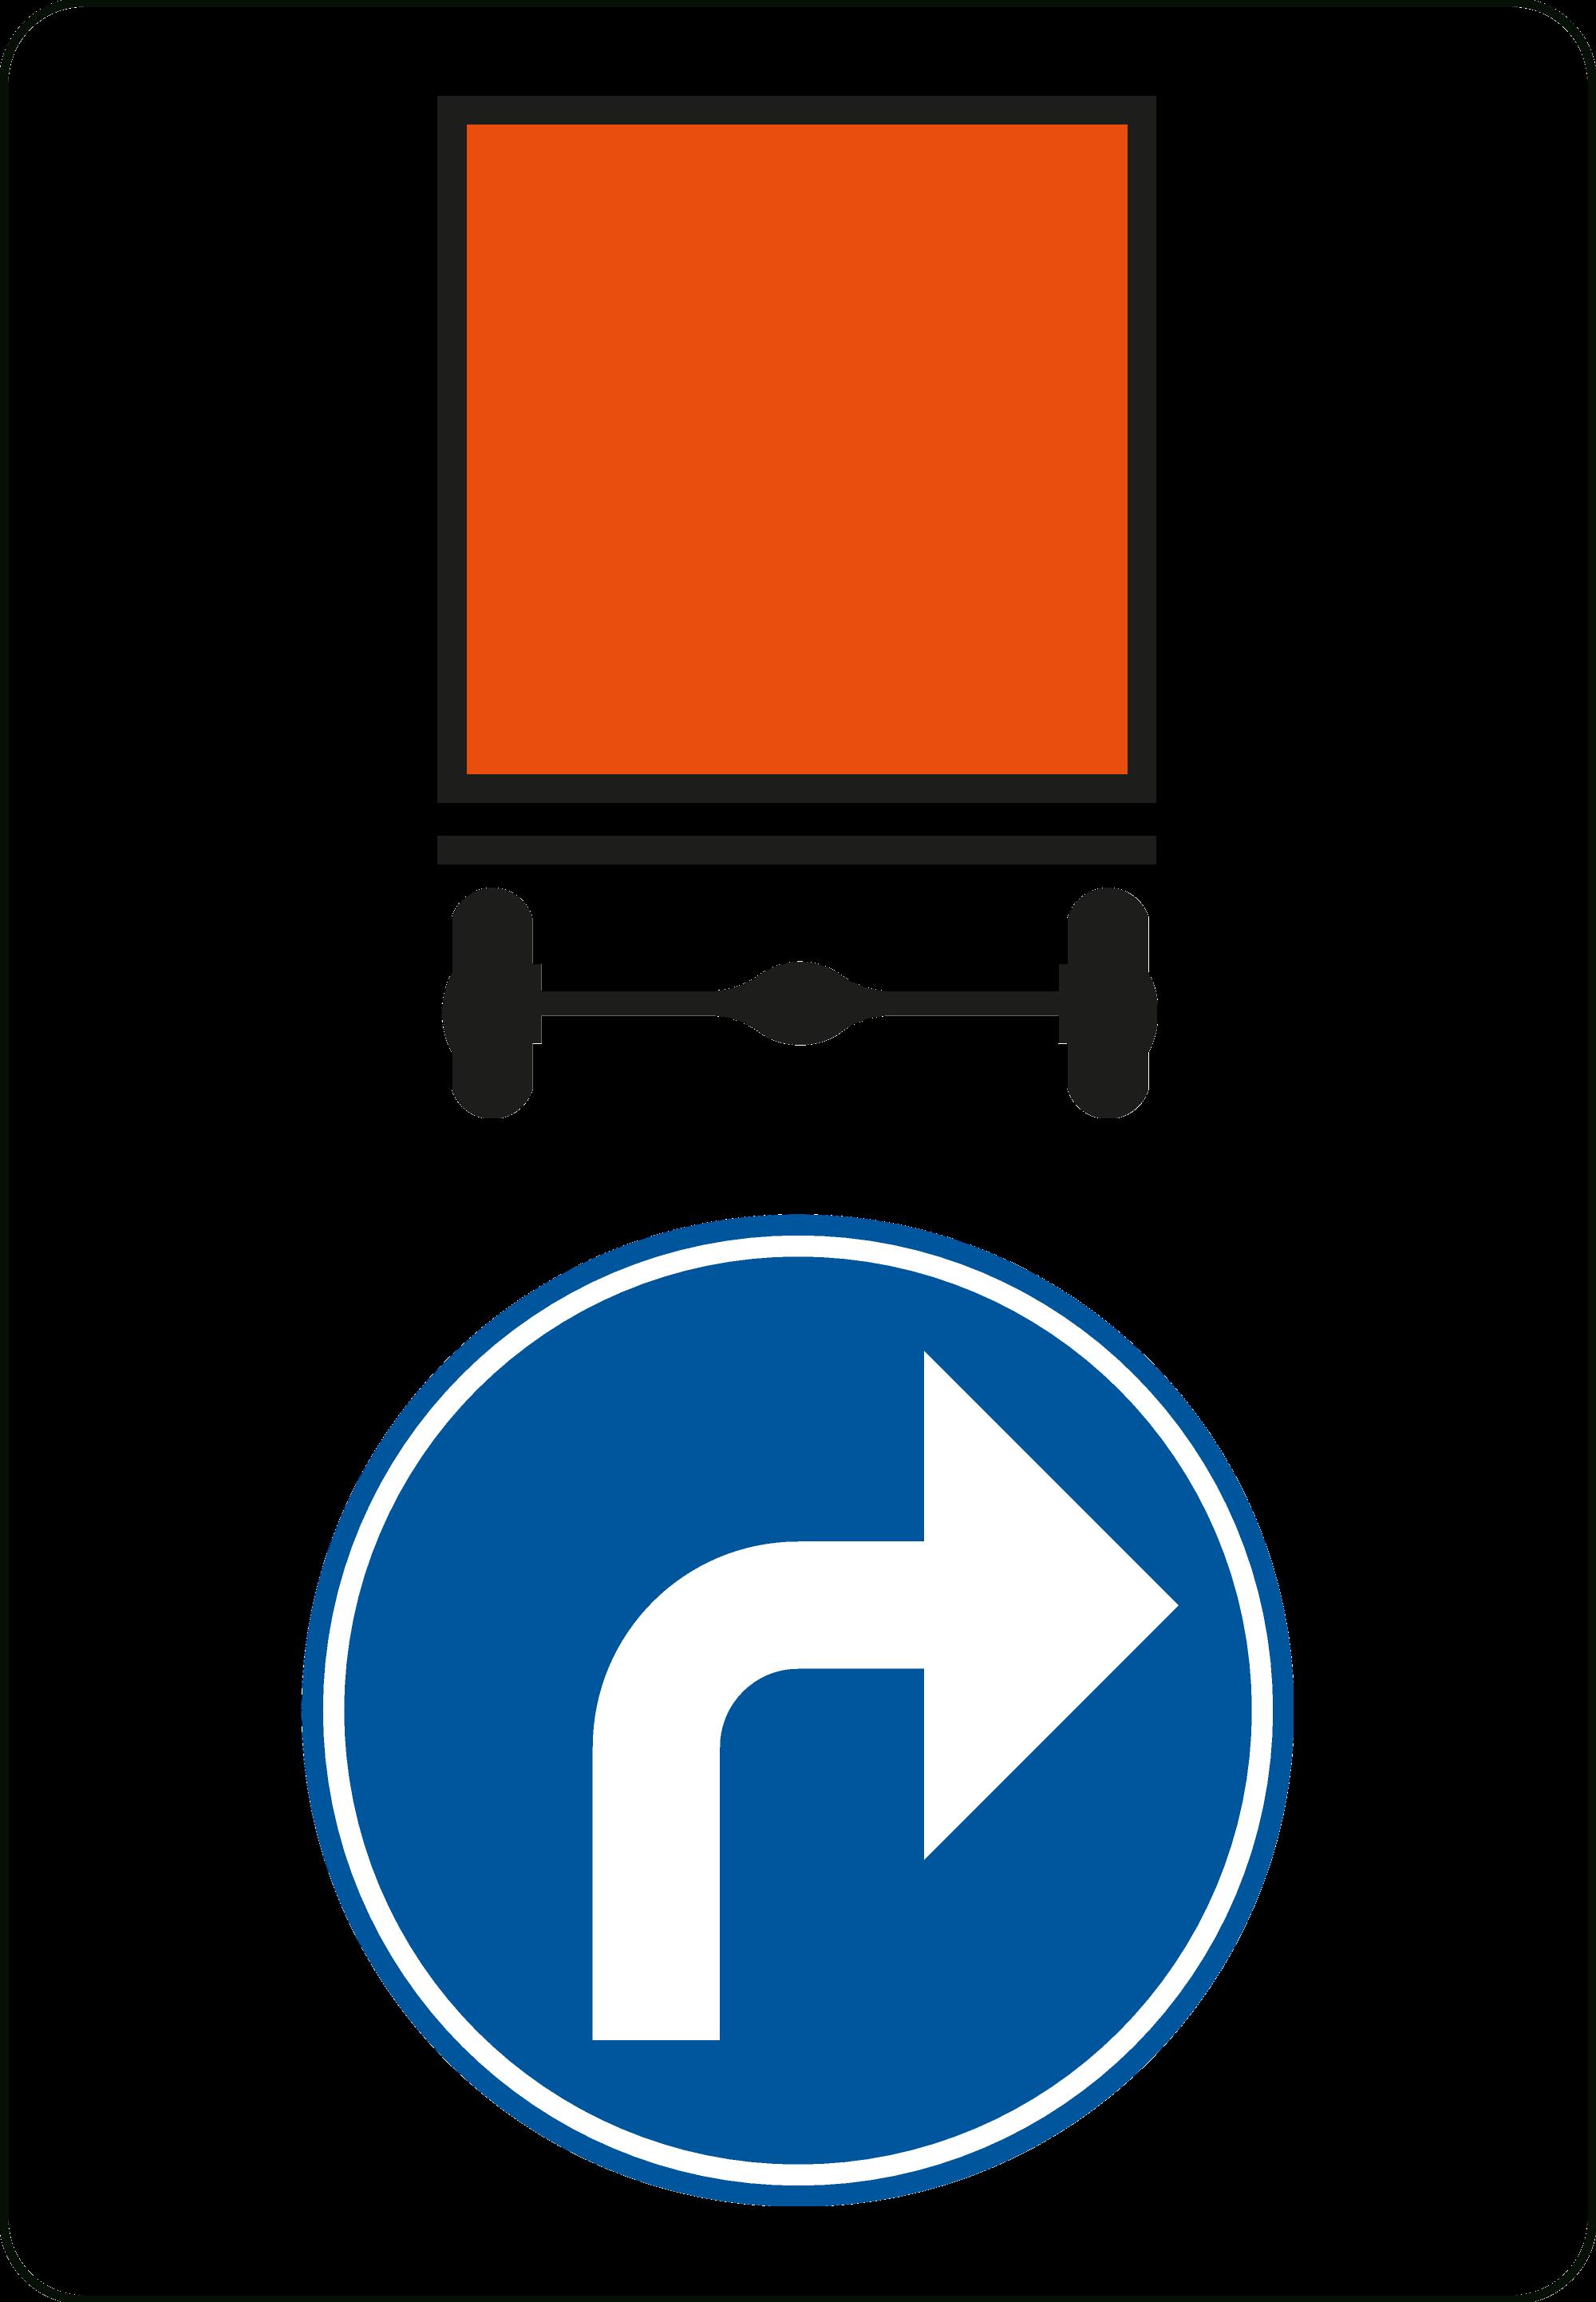 Signface - D4 rechts - klasse  I - 600/900 mm